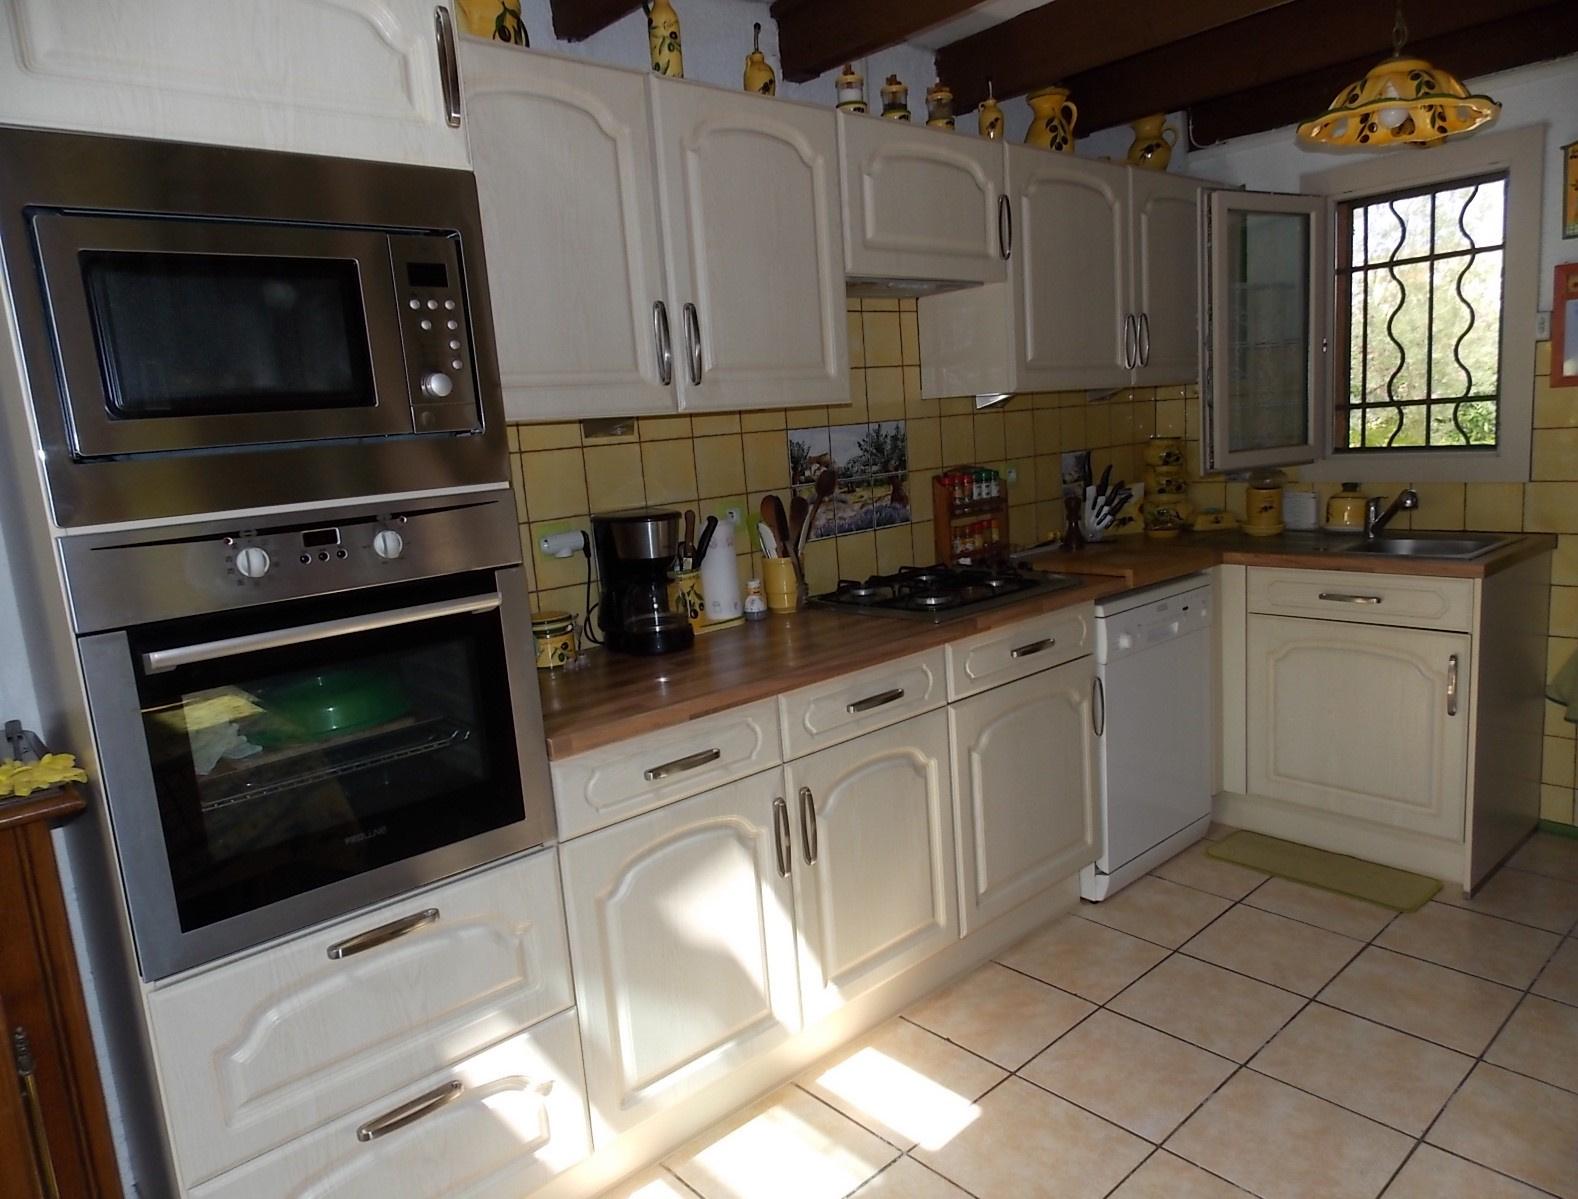 Vente maison/villa 3 pièces st cyprien plage 66750